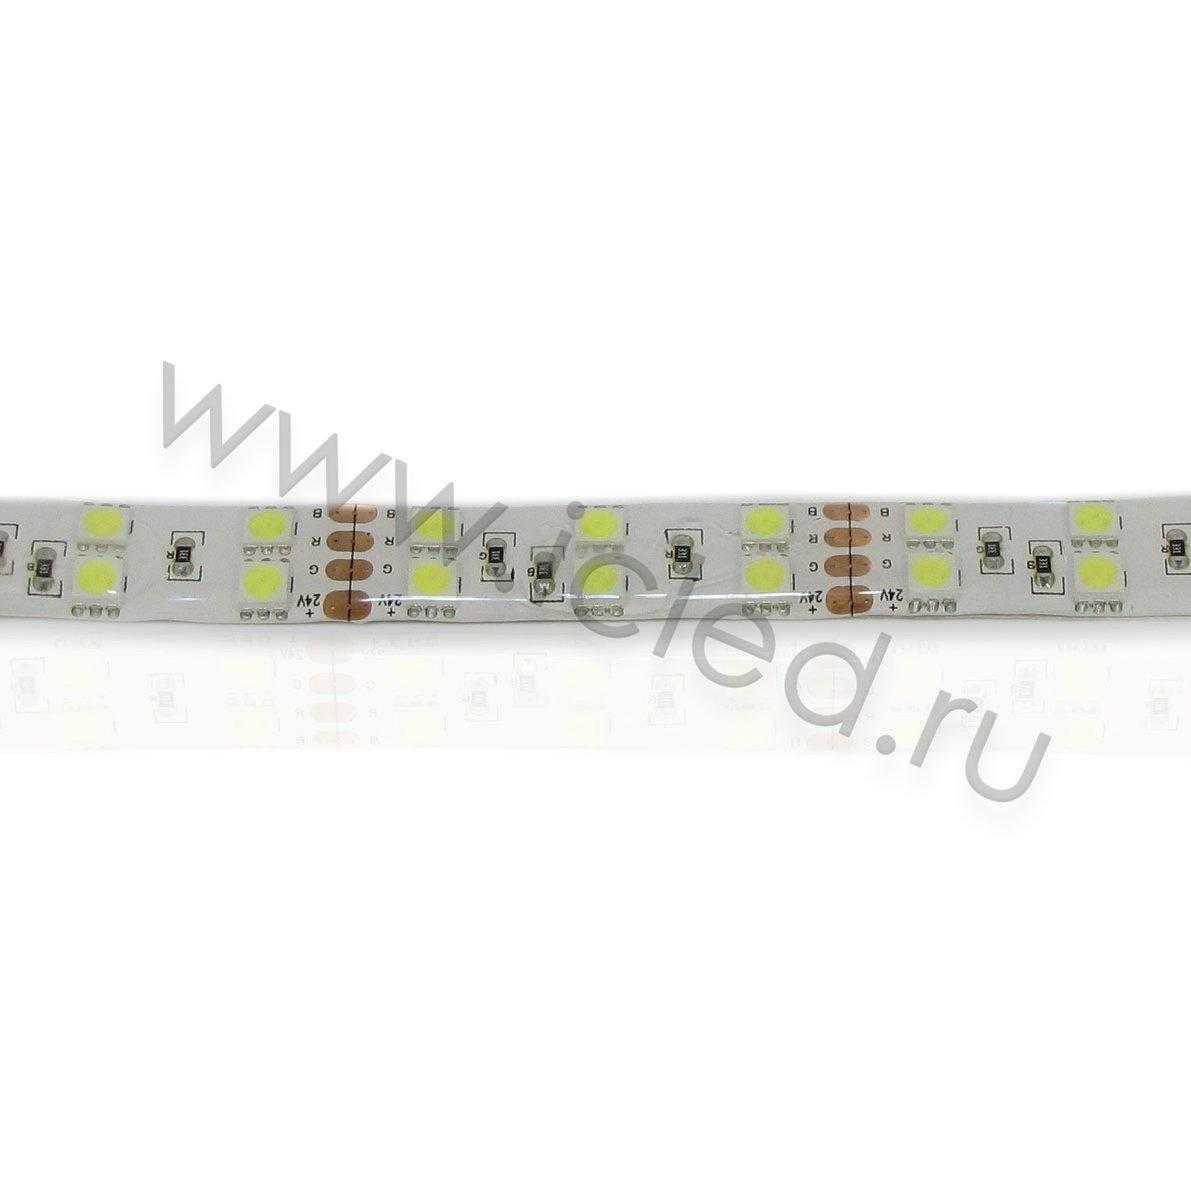 Светодиодная лента Class B, 5050, 120 led/m, White, 24V, IP65